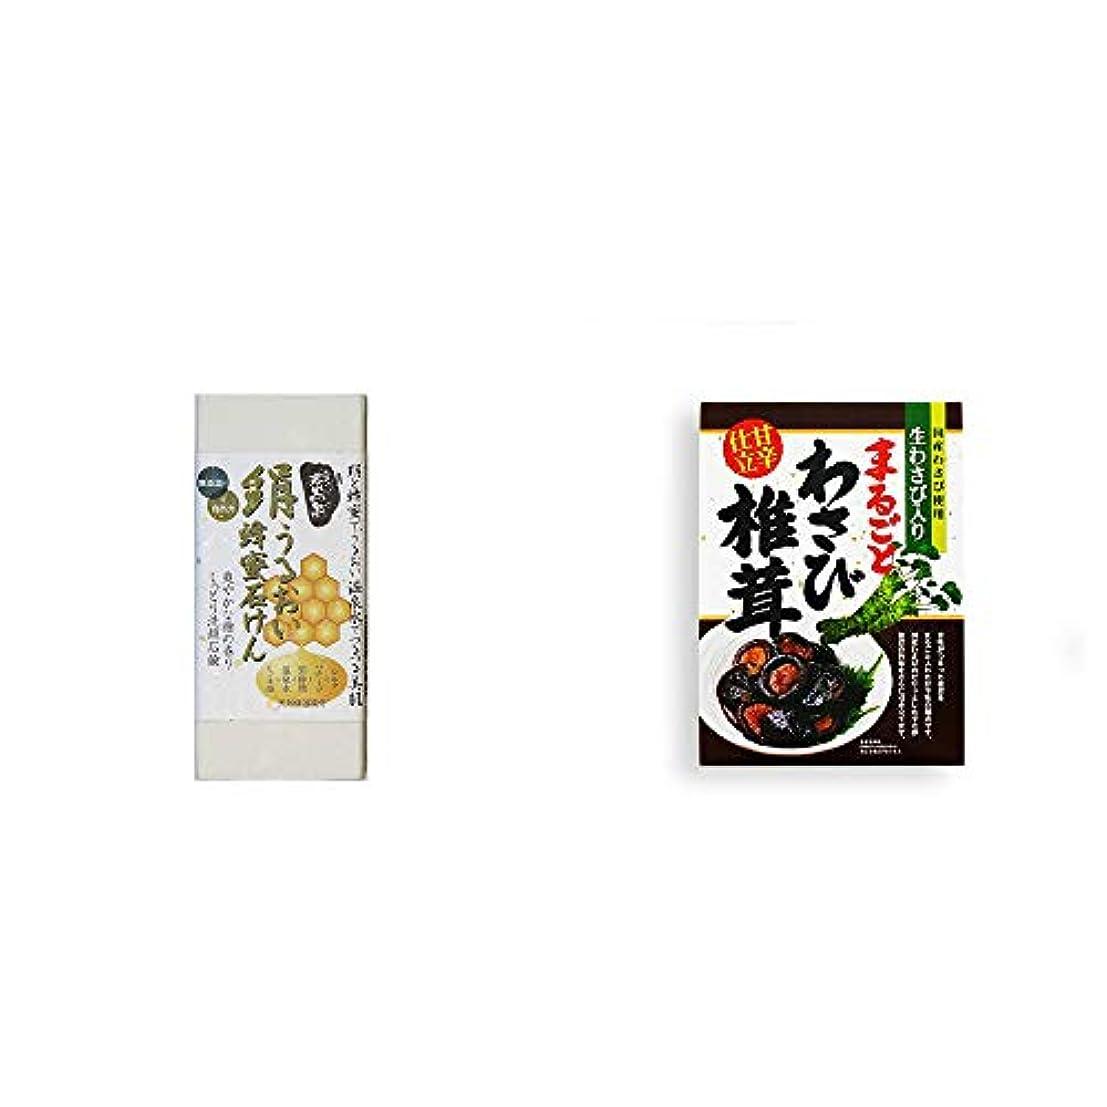 クロニクルグリル優先権[2点セット] ひのき炭黒泉 絹うるおい蜂蜜石けん(75g×2)?まるごとわさび椎茸(200g)